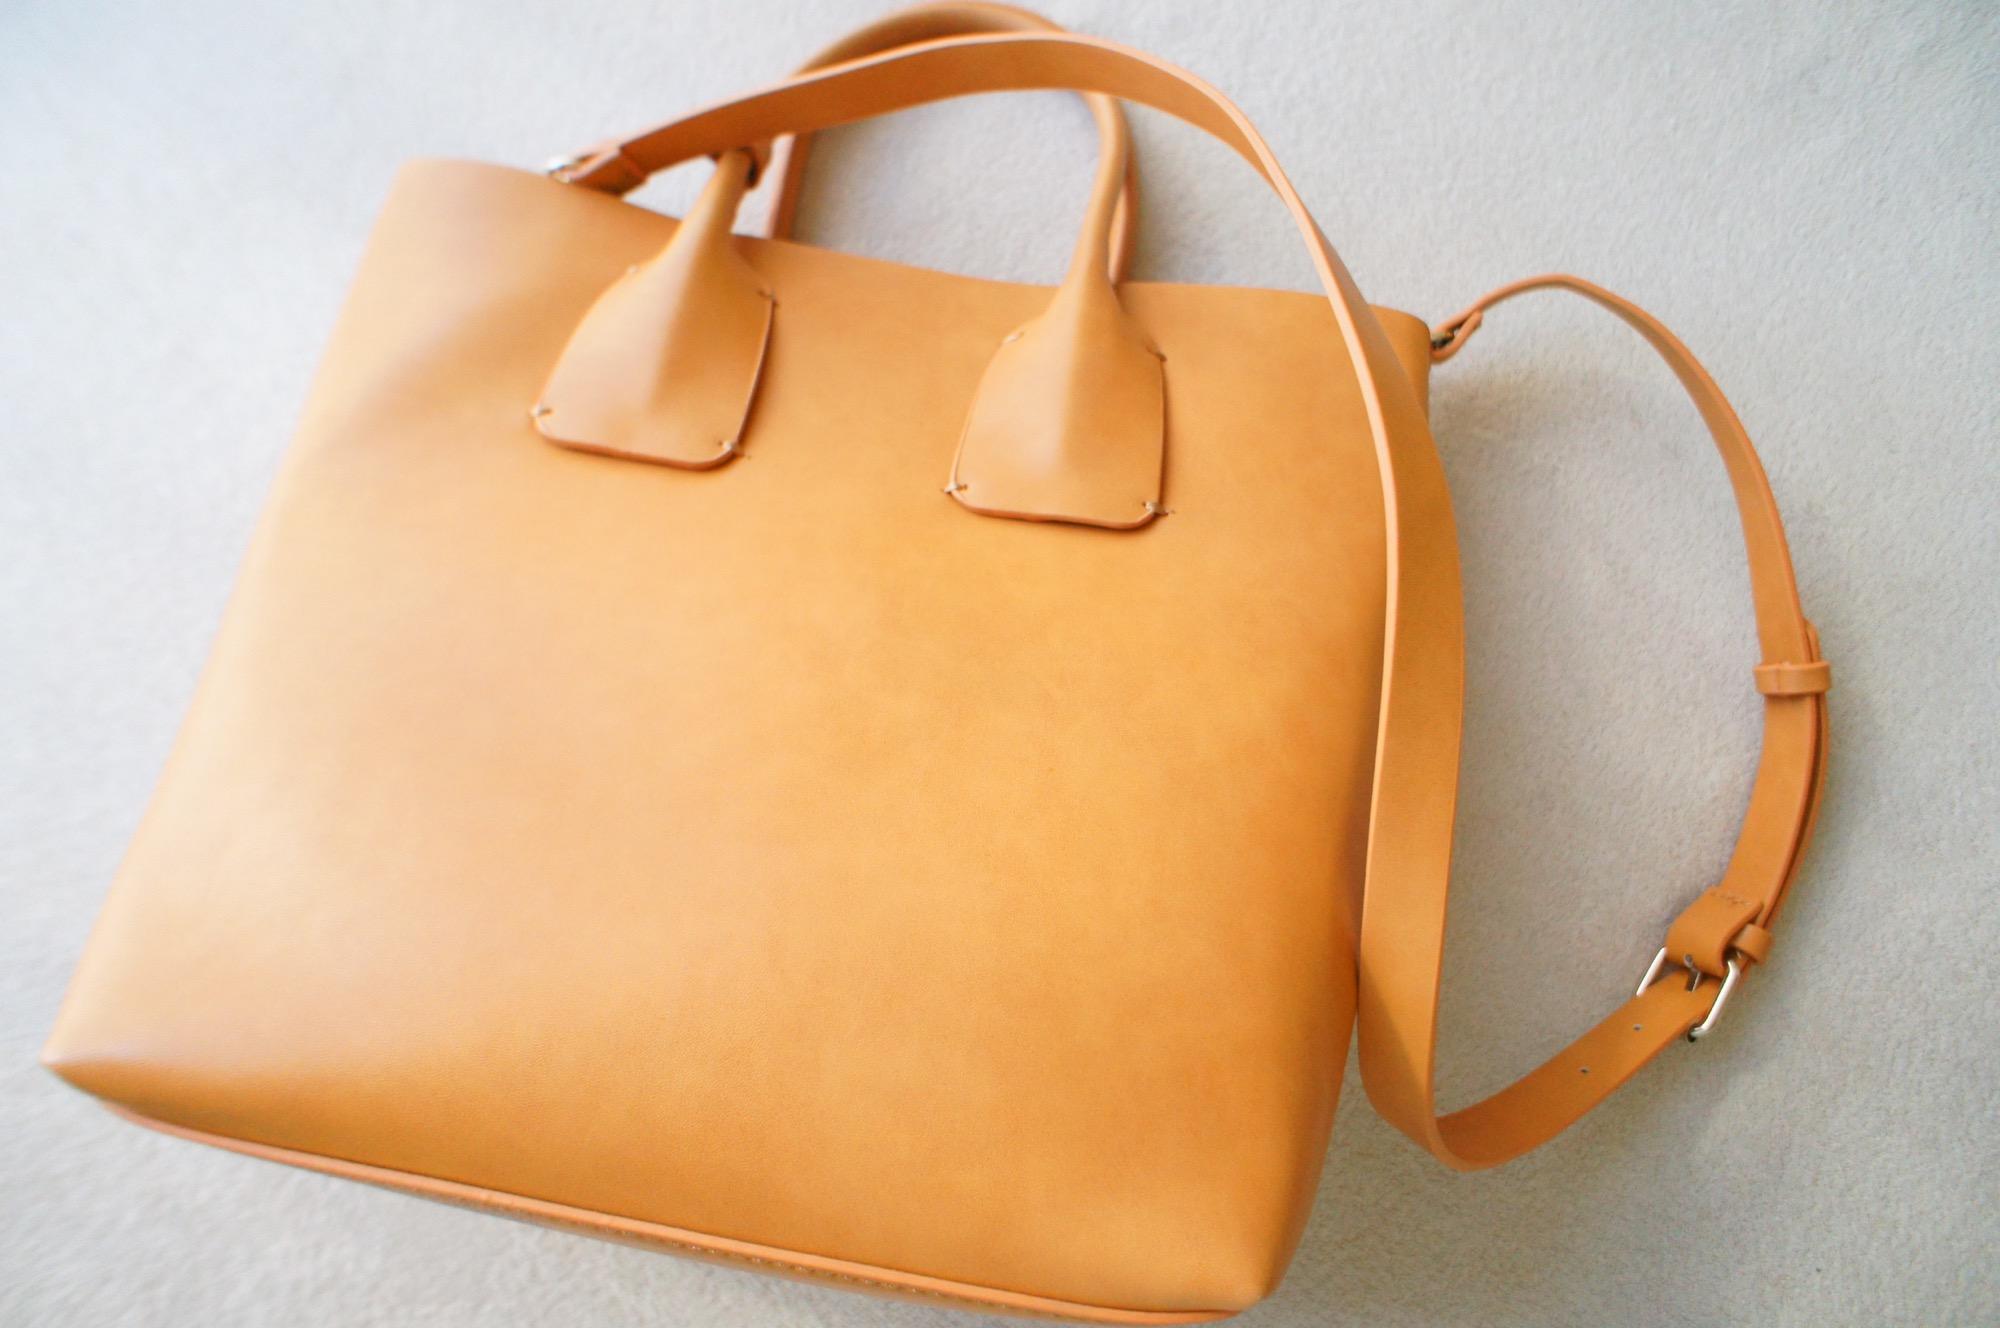 《#ザラジョ 必見❤️》【ZARA】のsaleで購入した2WAYトートバッグが優秀すぎる☻!_3